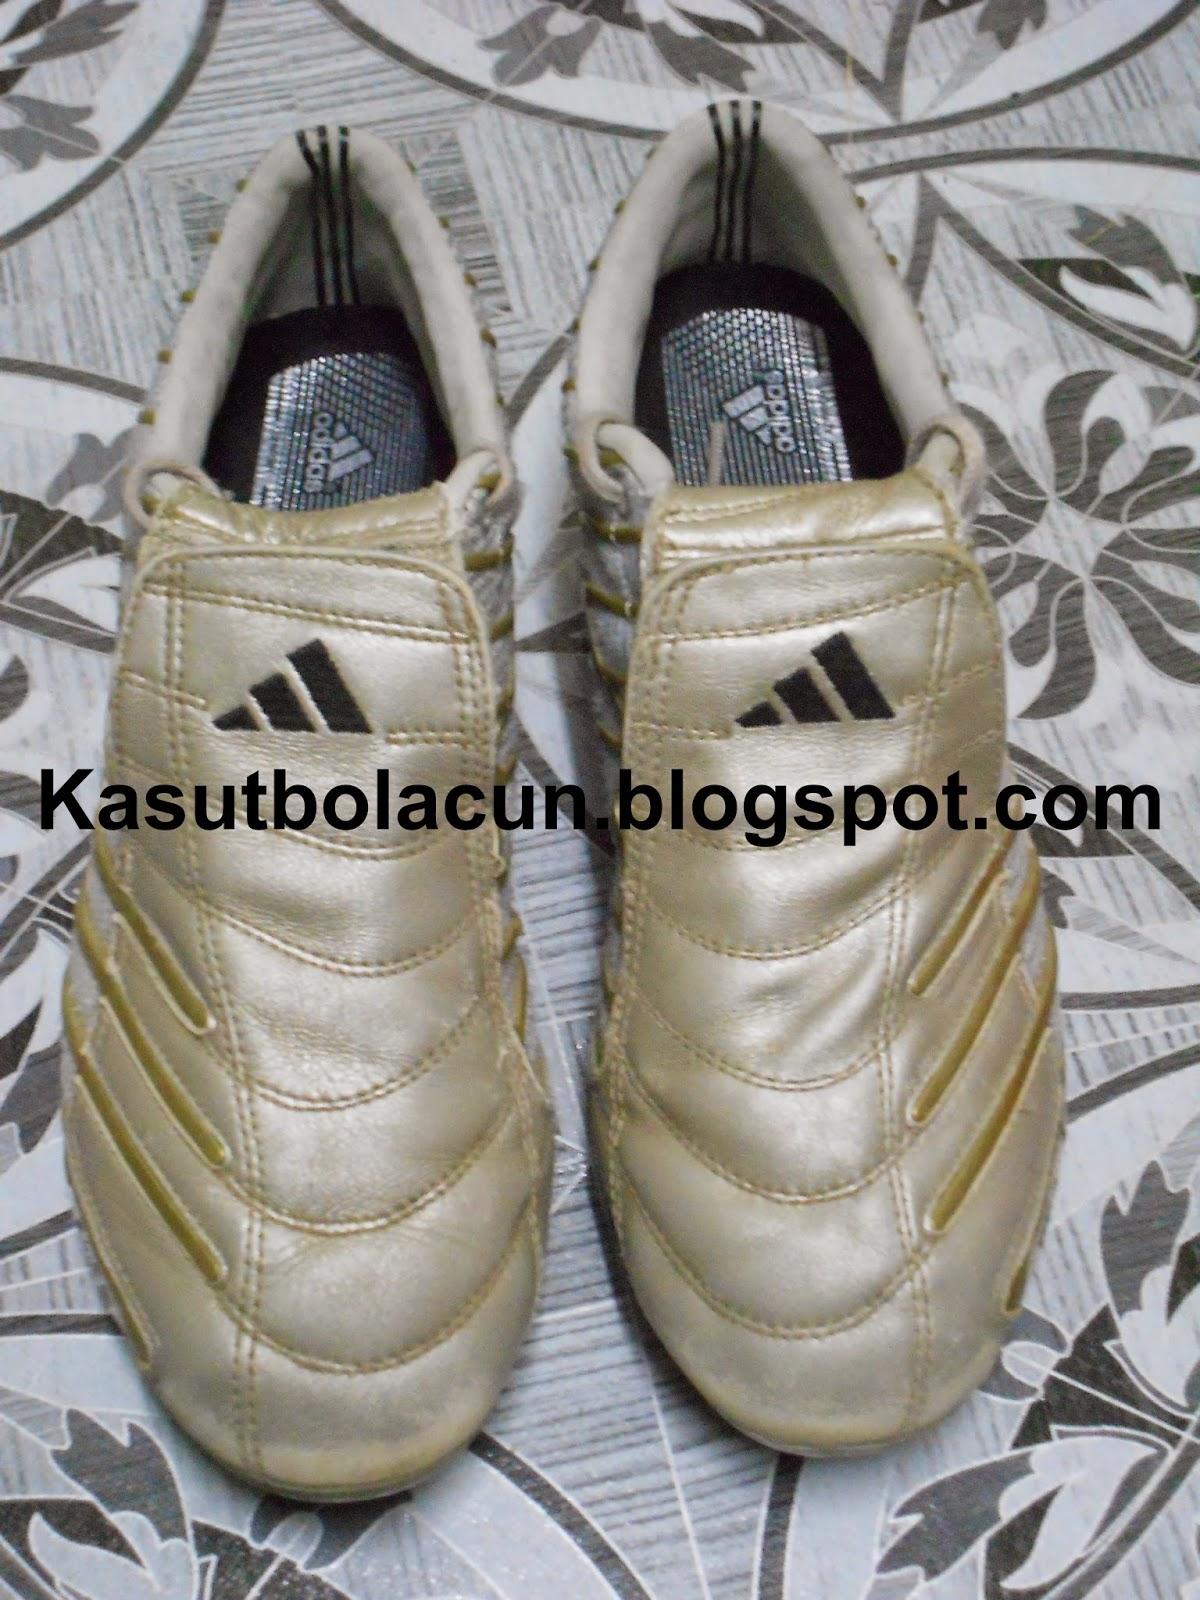 http://kasutbolacun.blogspot.com/2015/02/adidas-f50-fg-adidas-f50-spider.html